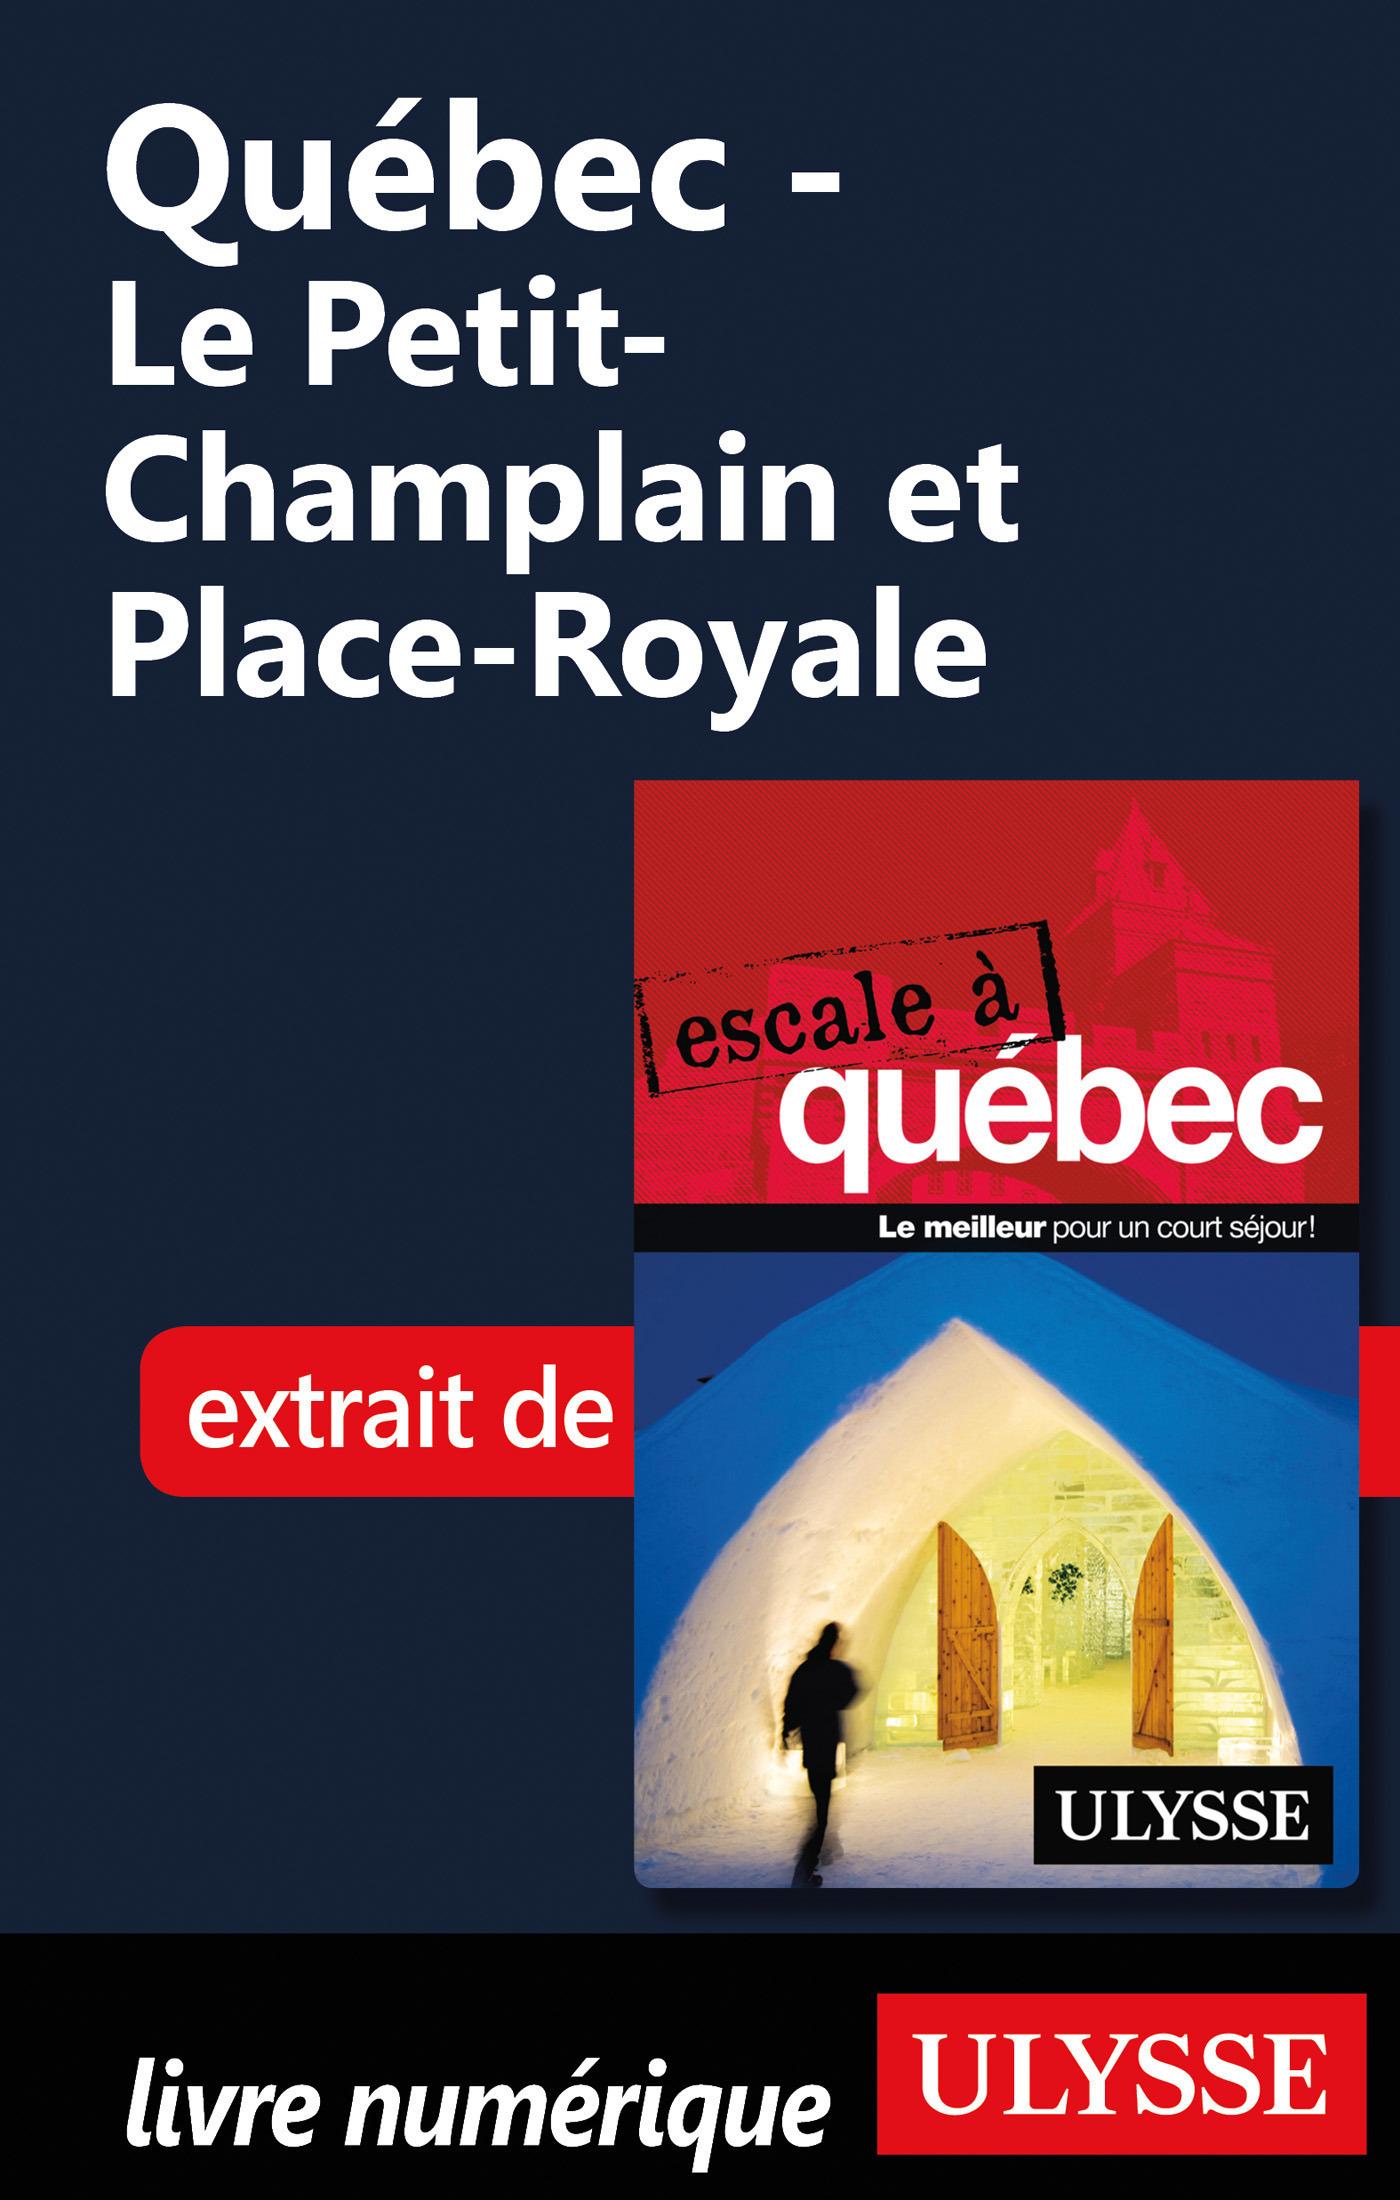 Québec - Le Petit-Champlain et Place-Royale